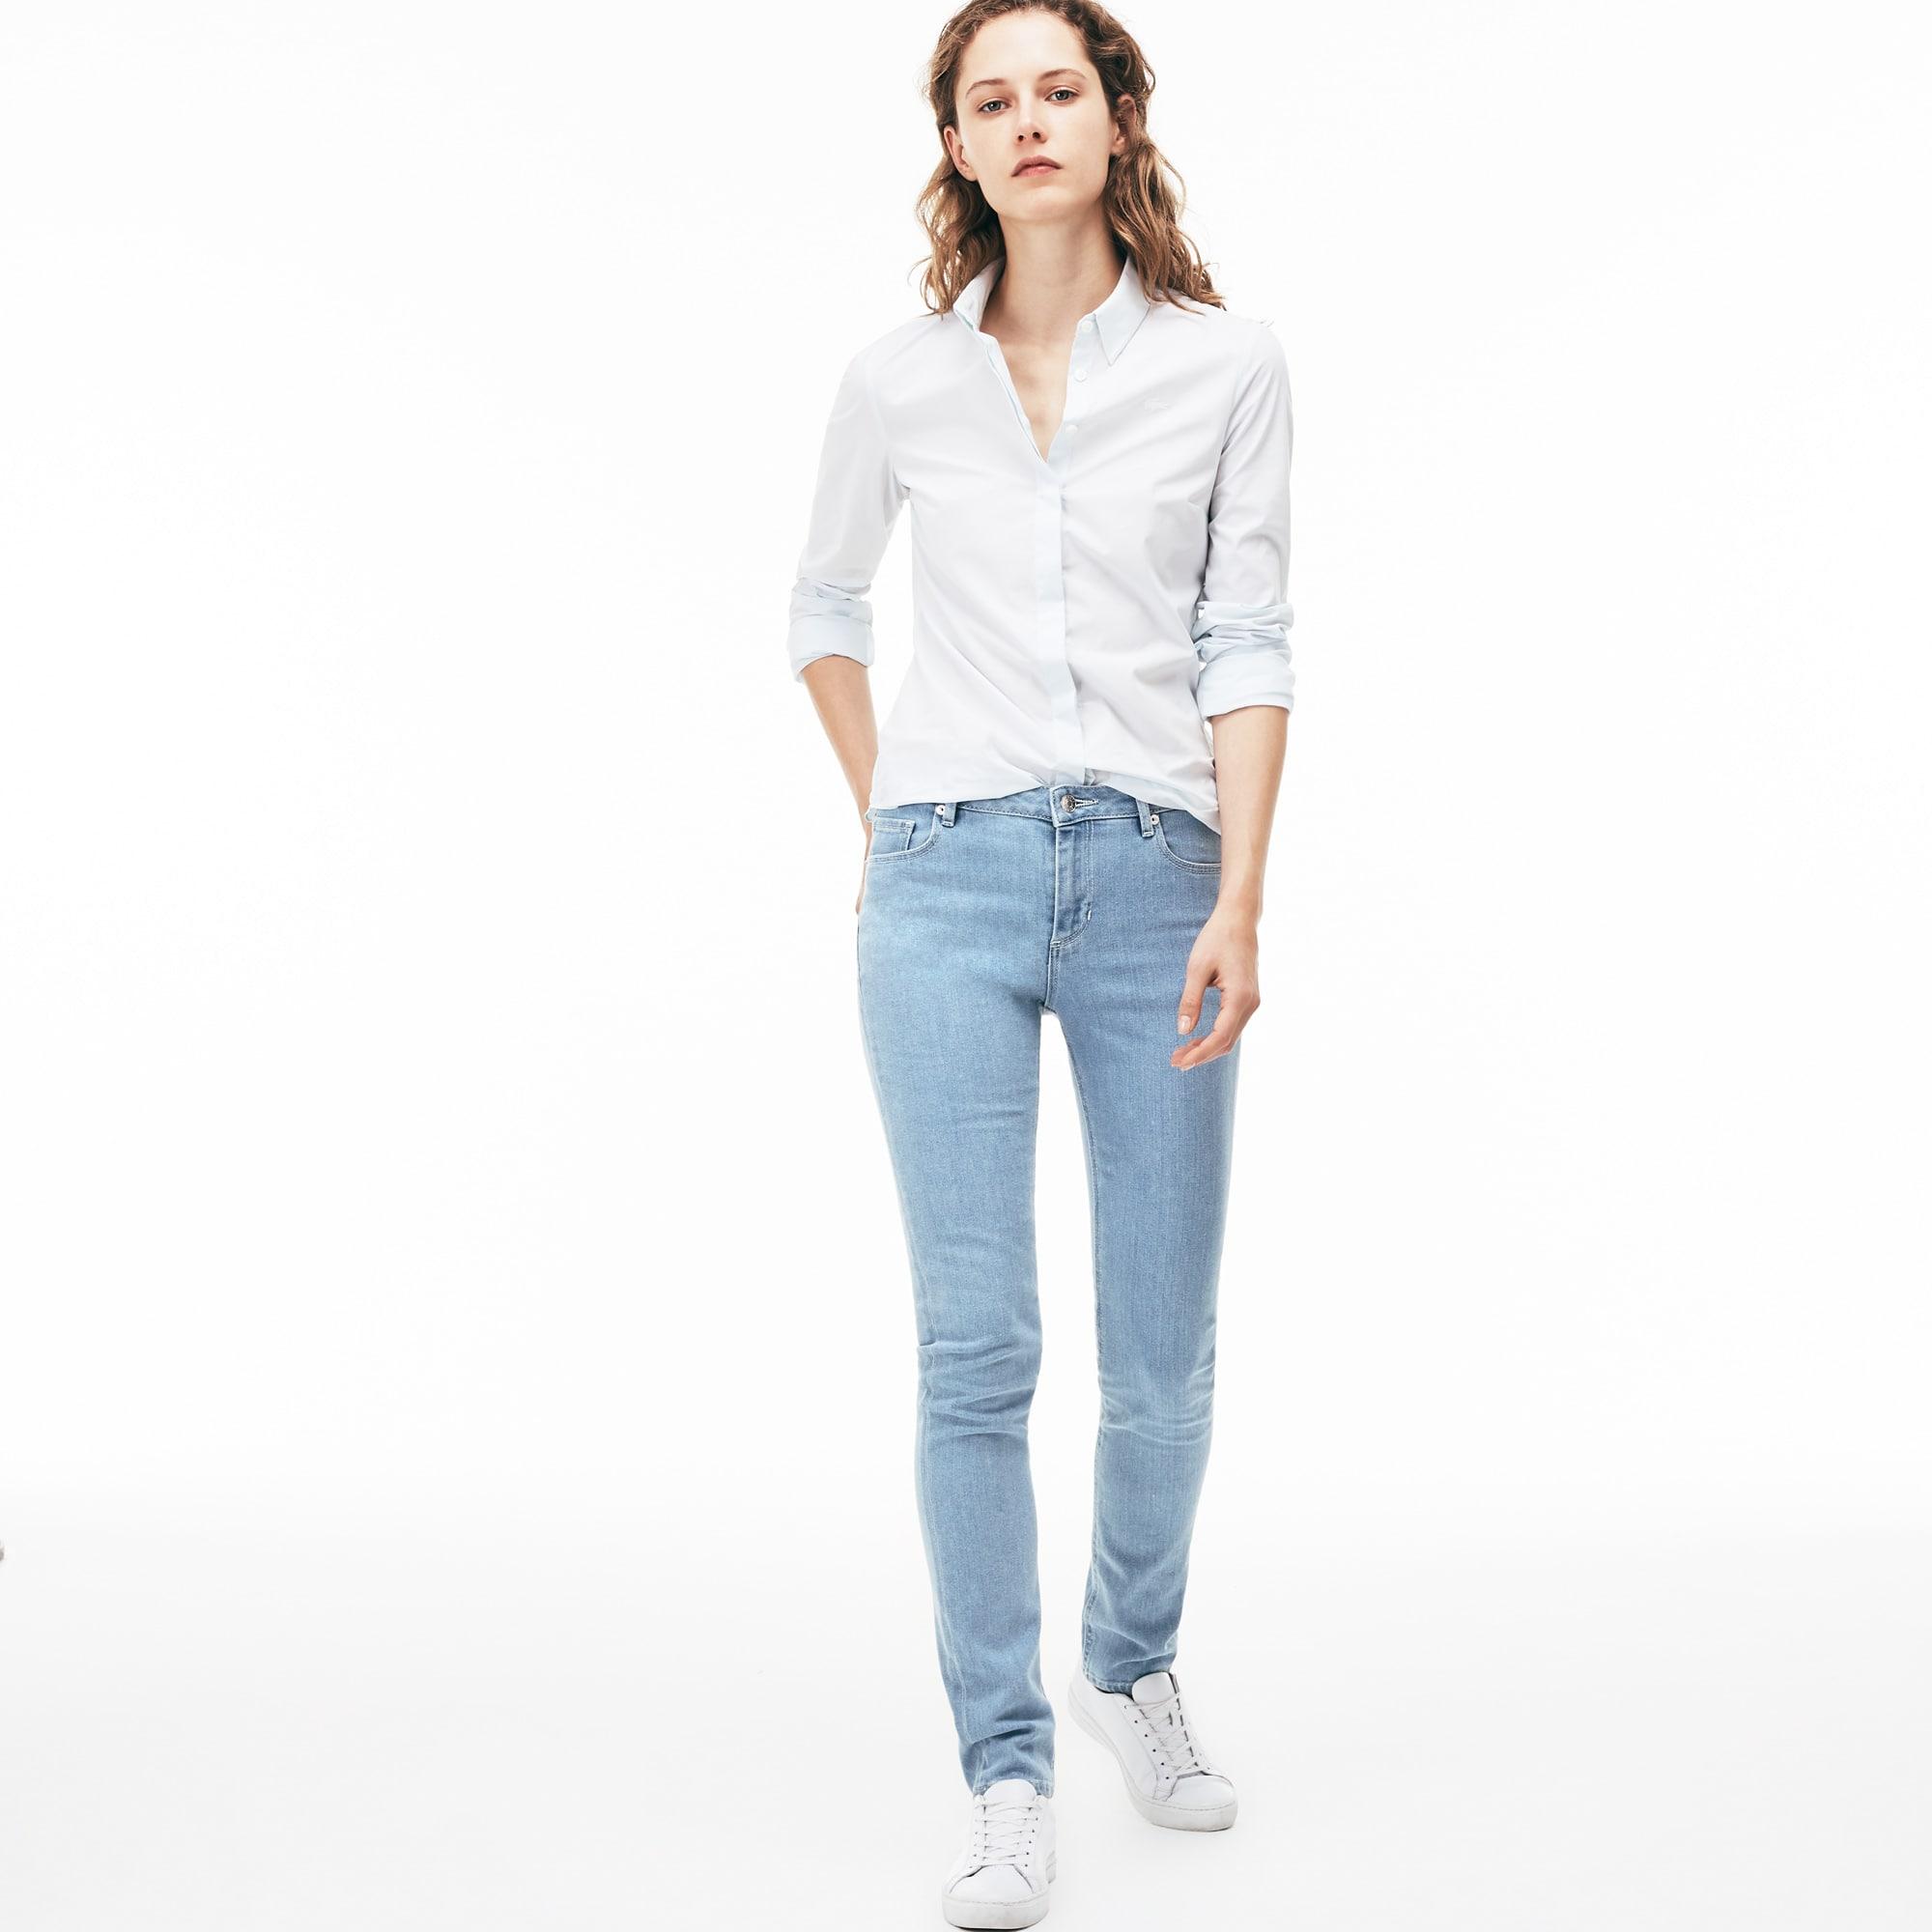 Jeans van stretch katoen met nauwsluitende pasvorm